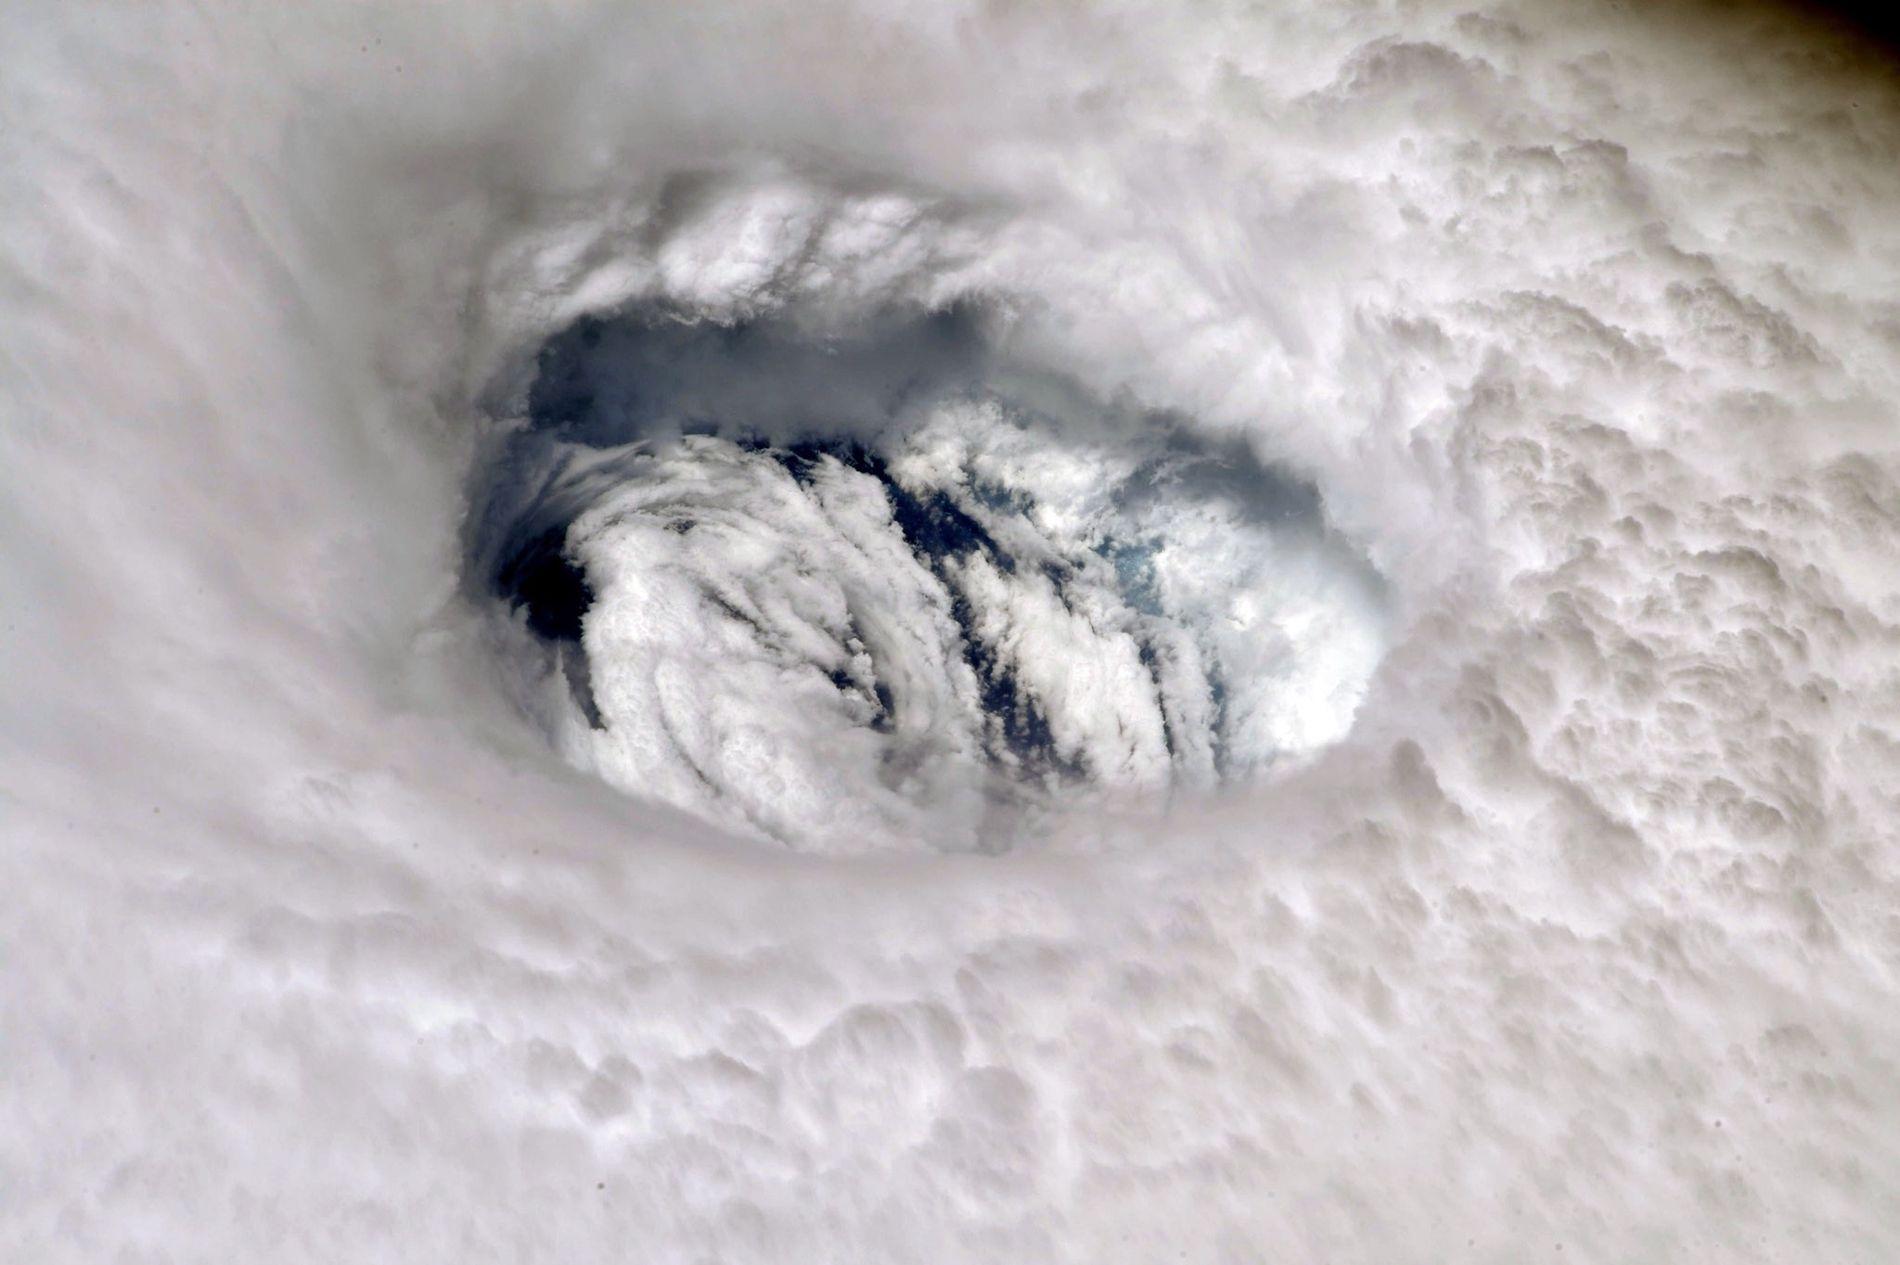 DORIAN: Astronatut Nick Hague tok dette bildet av orkanens øye fra Den internasjonale romstasjonen, ISS, mandag.